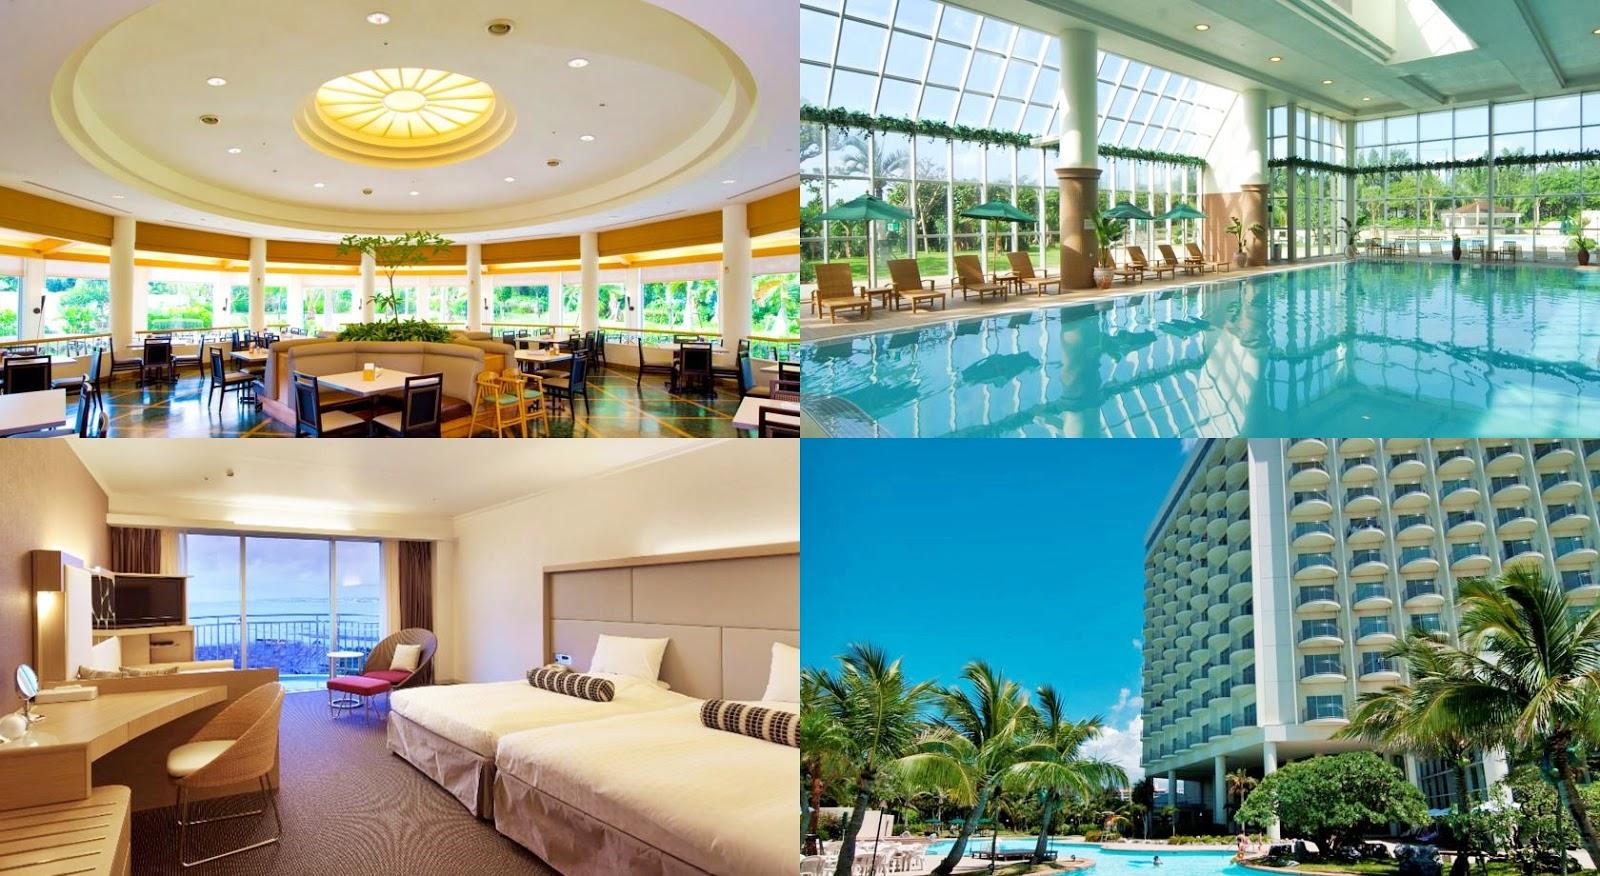 沖繩-沖繩住宿-推薦-沖繩飯店-沖繩旅館-沖繩民宿-沖繩公寓-沖繩酒店住宿-住宿-沖繩必住住宿-拉格納花園酒店-Laguna-Garden-Hotel-Okinawa-hotel-recommendation